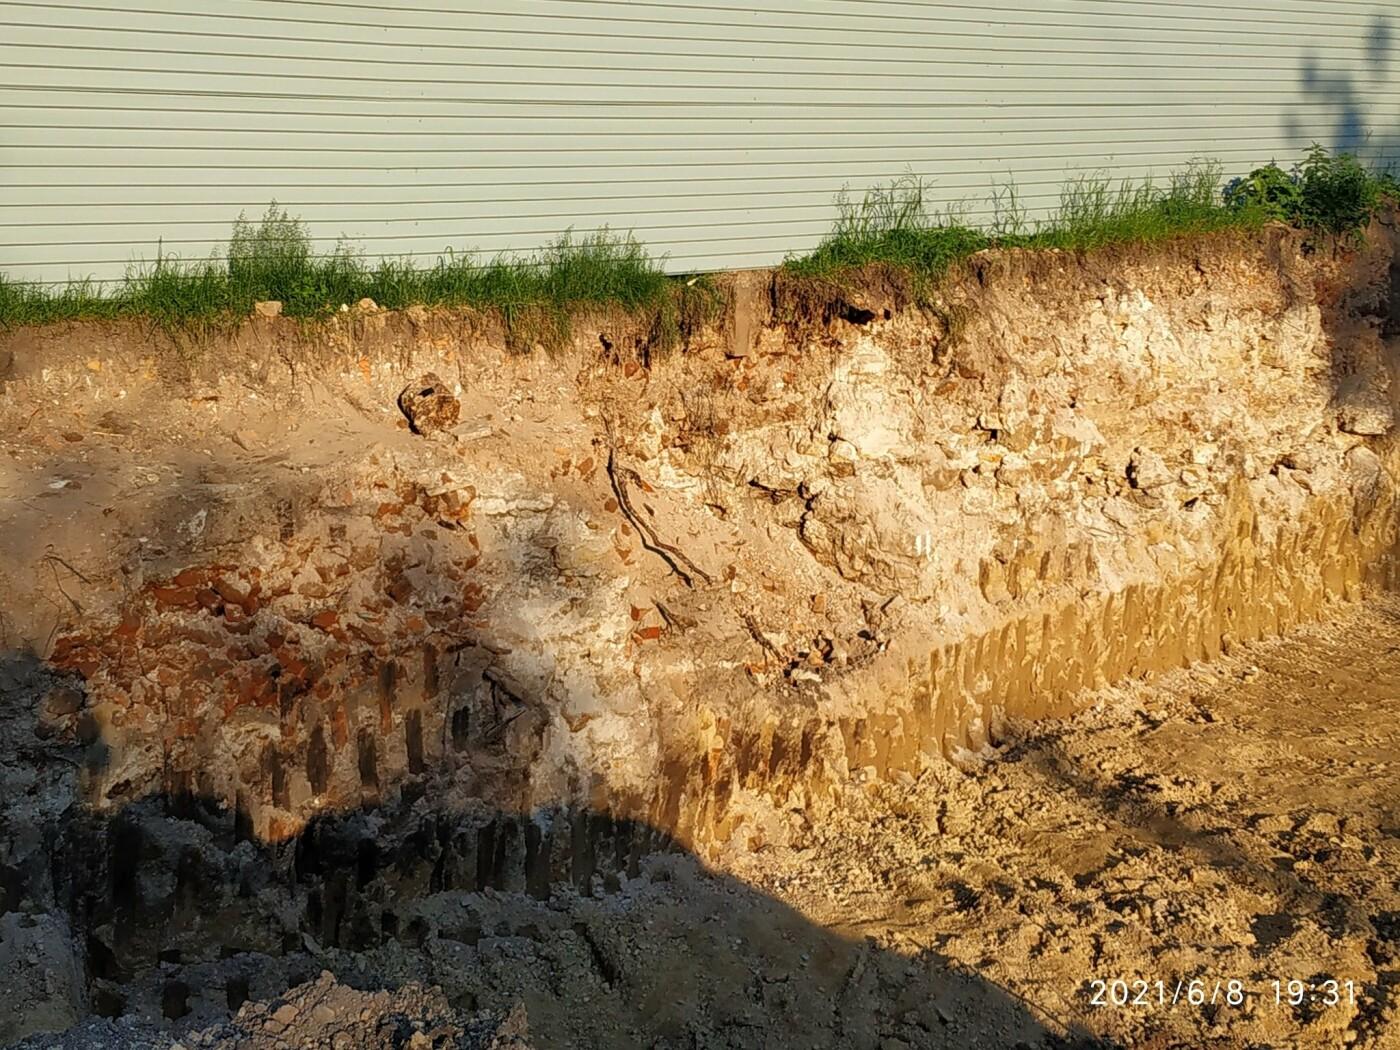 Моторошна знахідка: на будівельному майданчику у Тернополі викопали людські рештки (ФОТО), фото-5